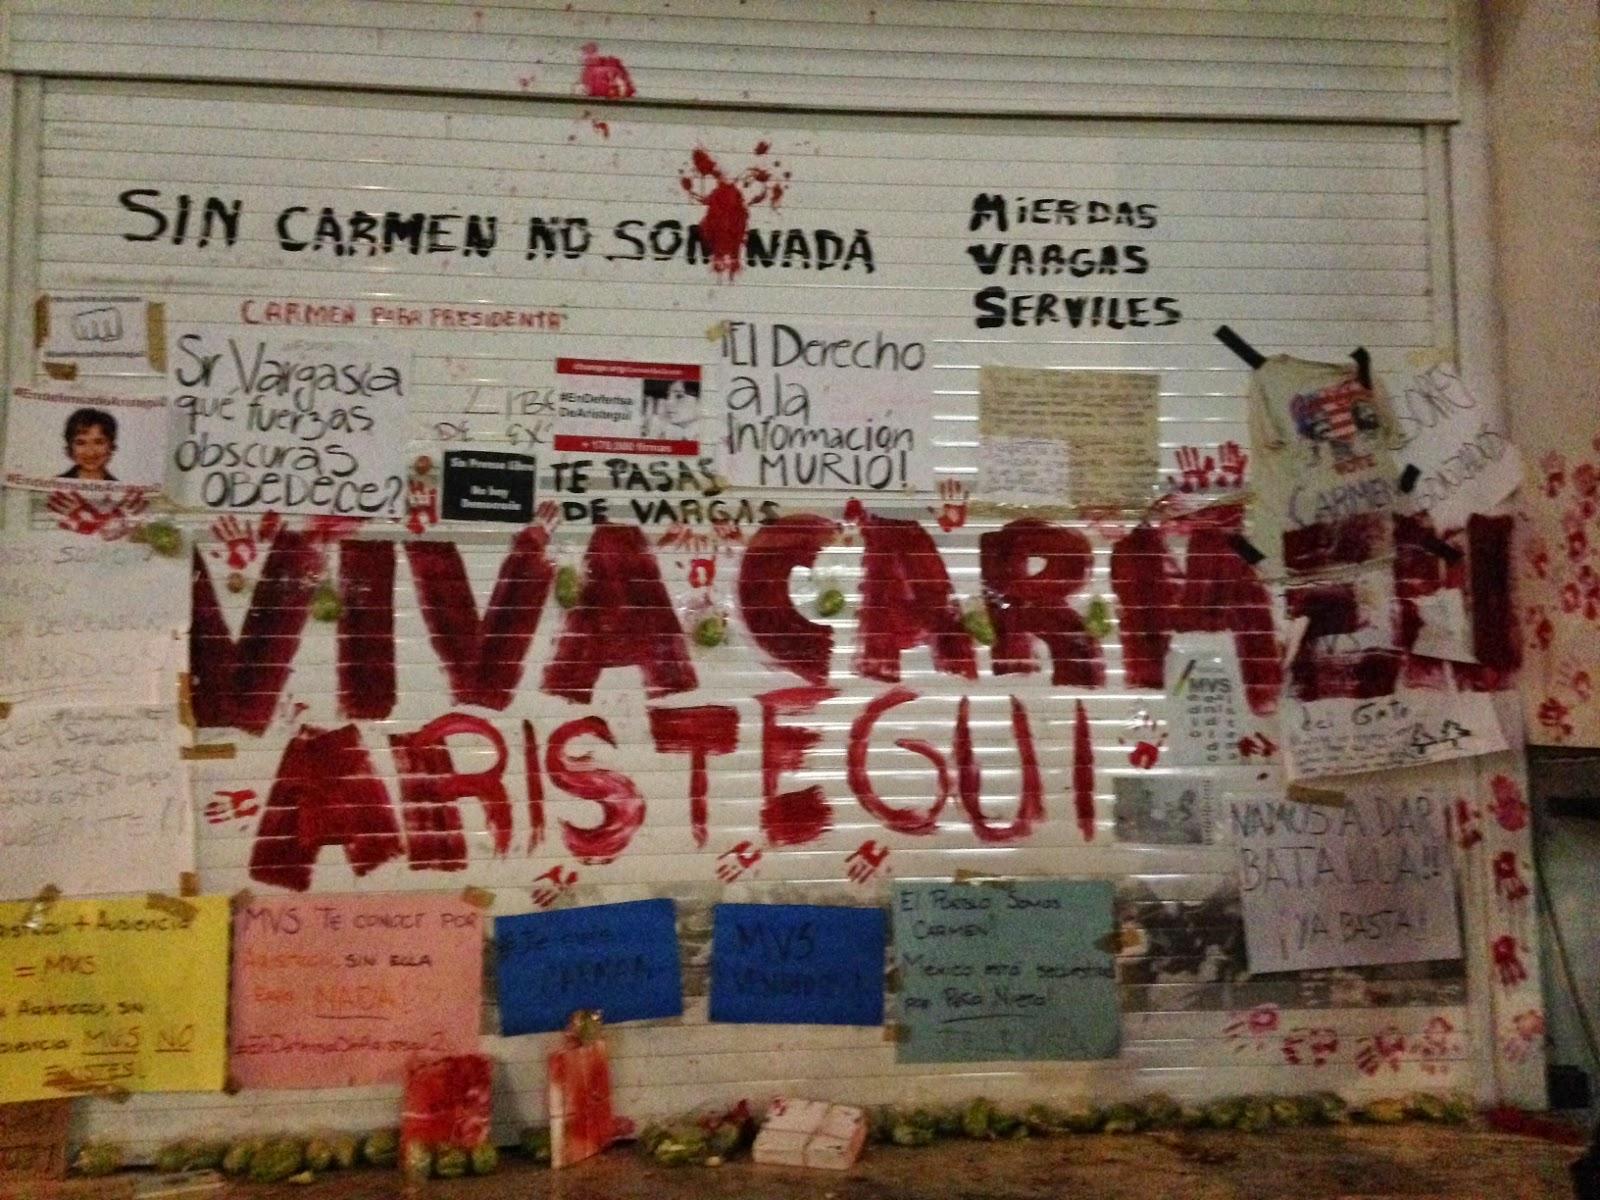 Más allá de Aristegui. 5 mexicanas que hacen periodismo de verdad.